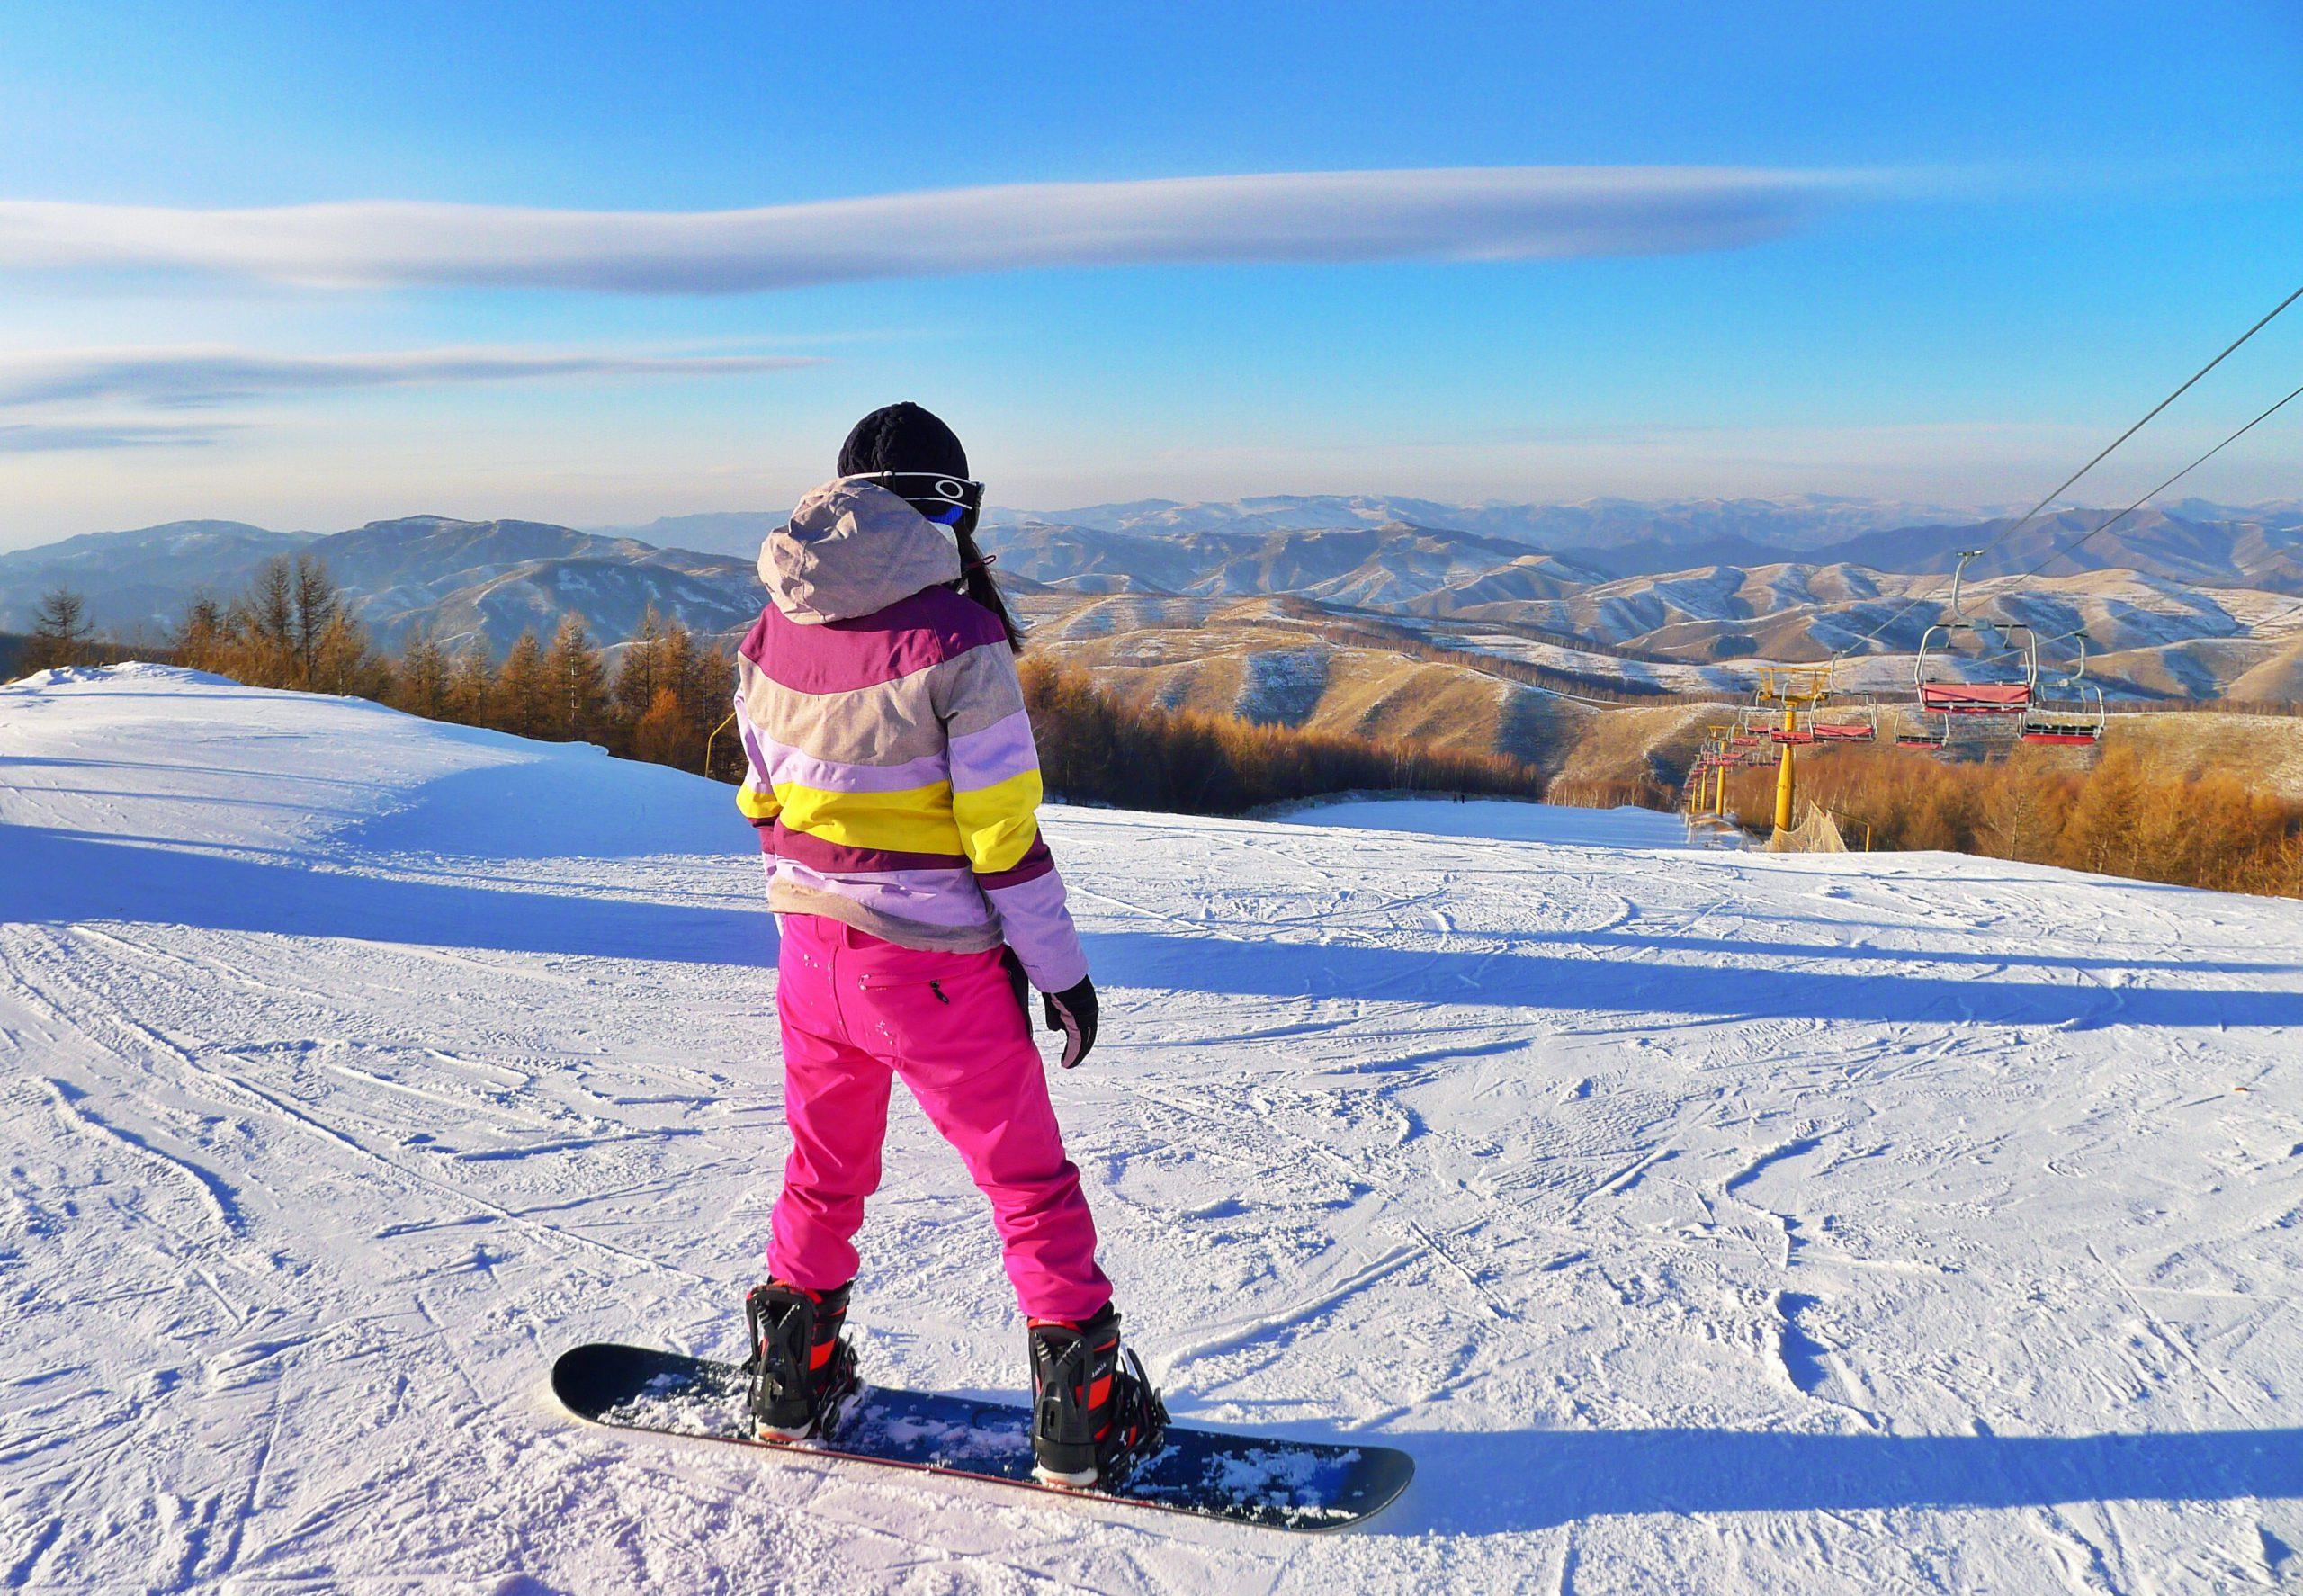 kvinna i rosa skidkläder i vinterlandskap